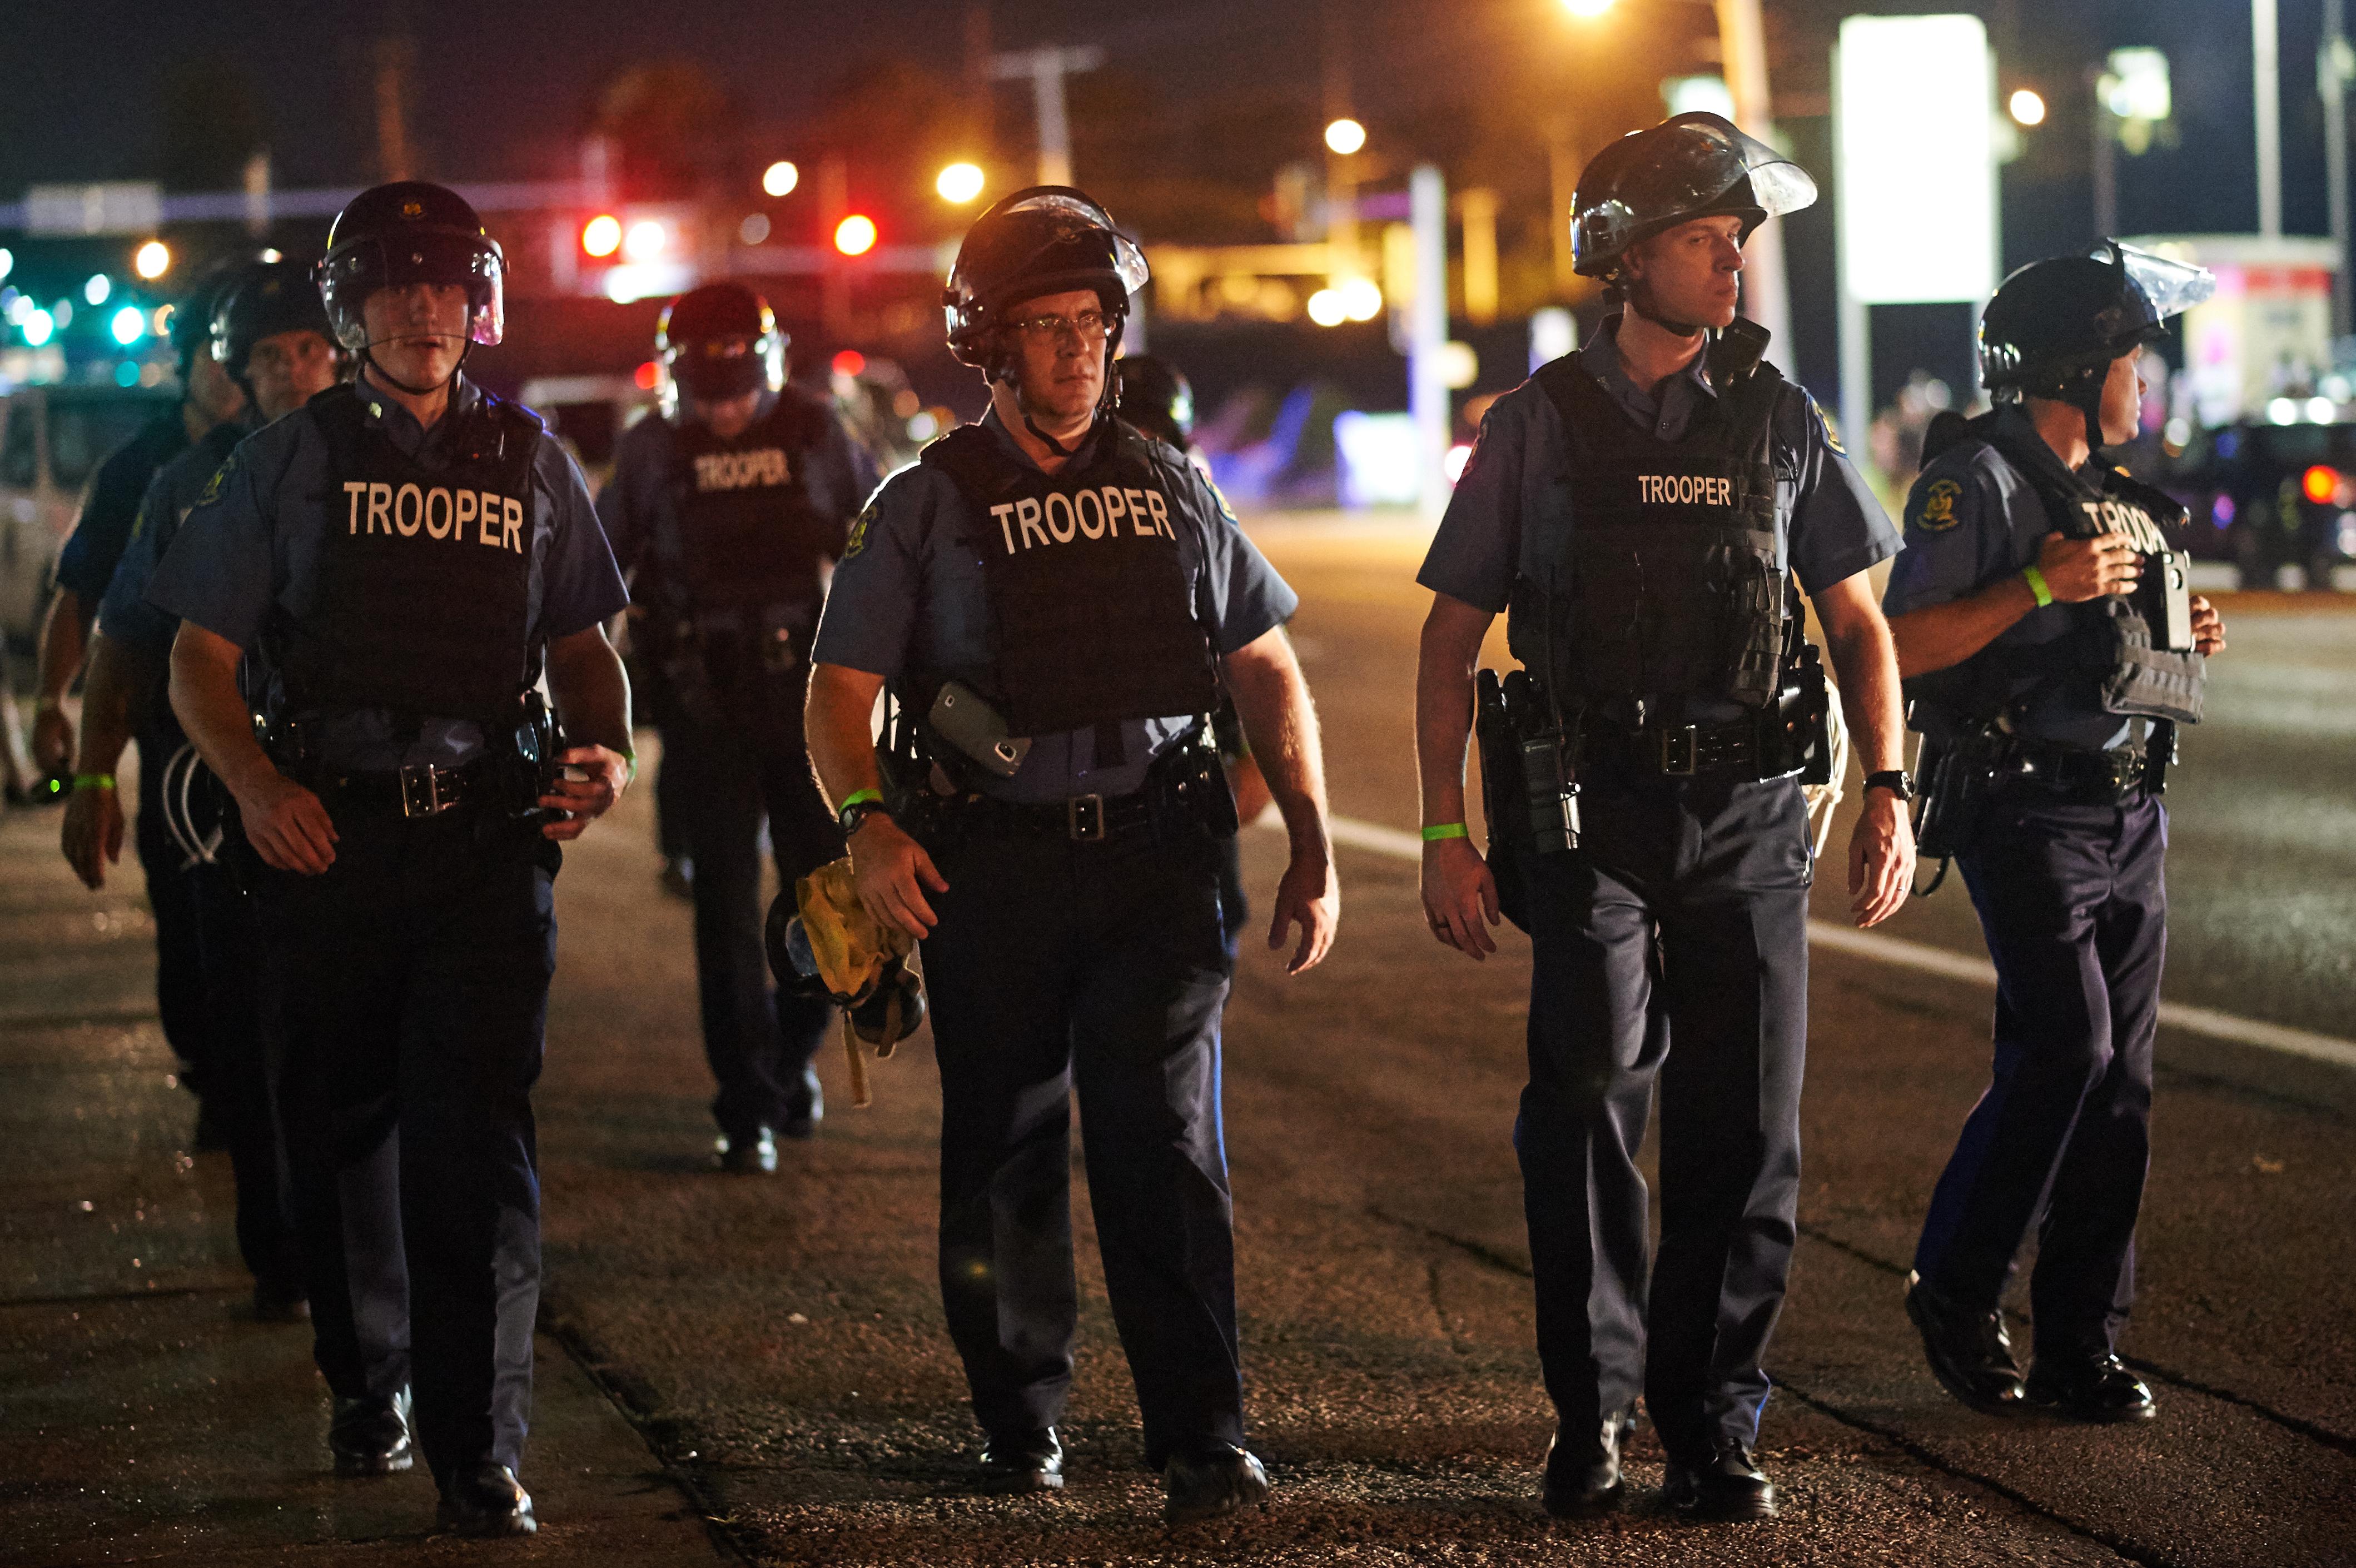 عناصر في قوات الشرطة المنتشرة في فيرغسون